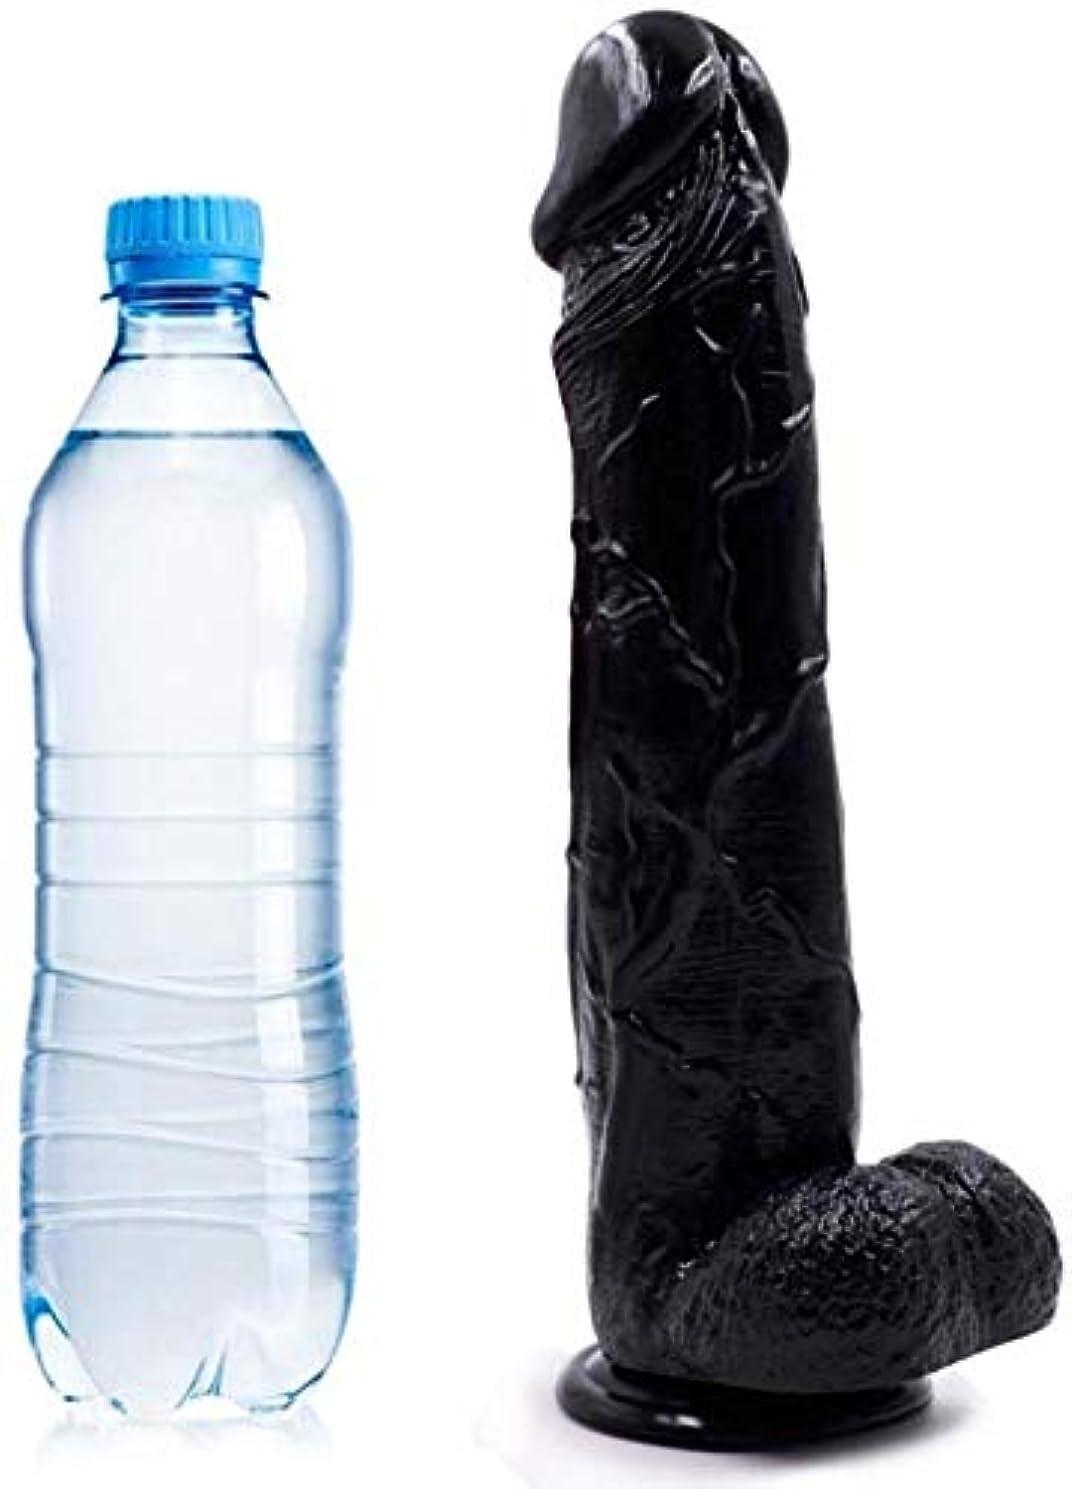 ゆるい群集旅行代理店女性のサクションカップのための現実的なDìdlõš、大人のおもちゃ、M-ásságerワンド